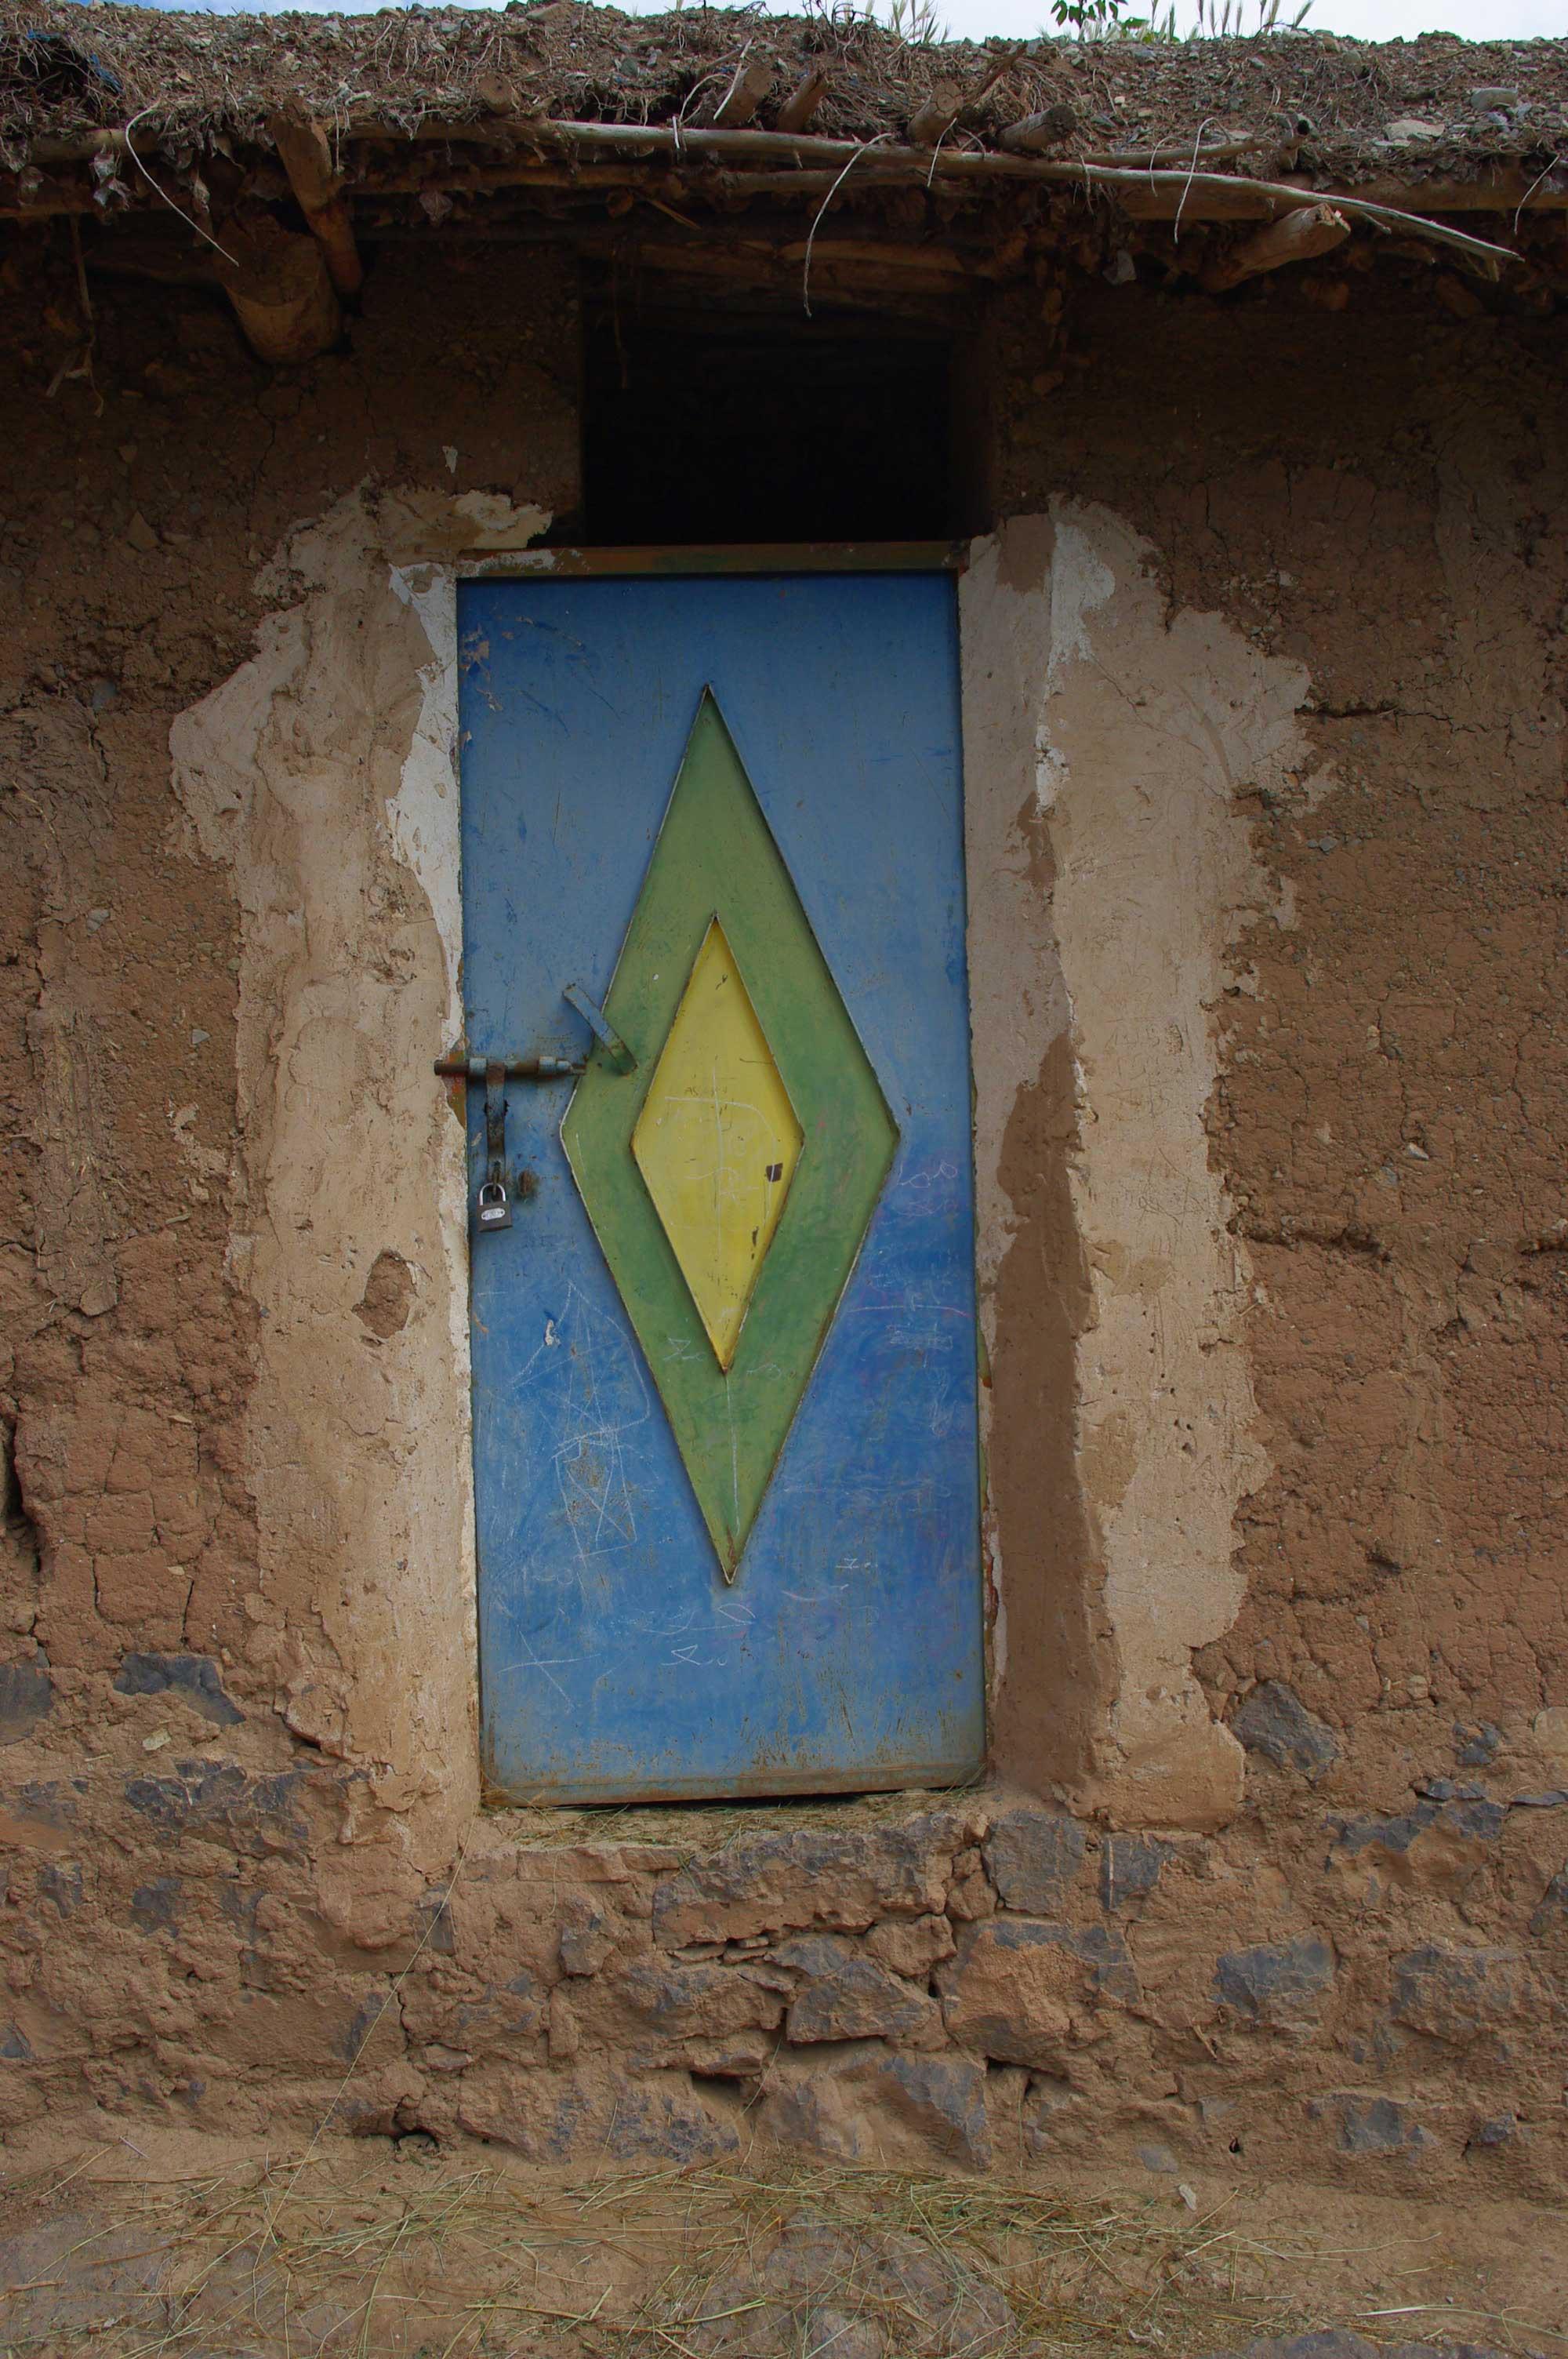 Maroc la vie sociale des images - Porte peinte en deux couleurs ...